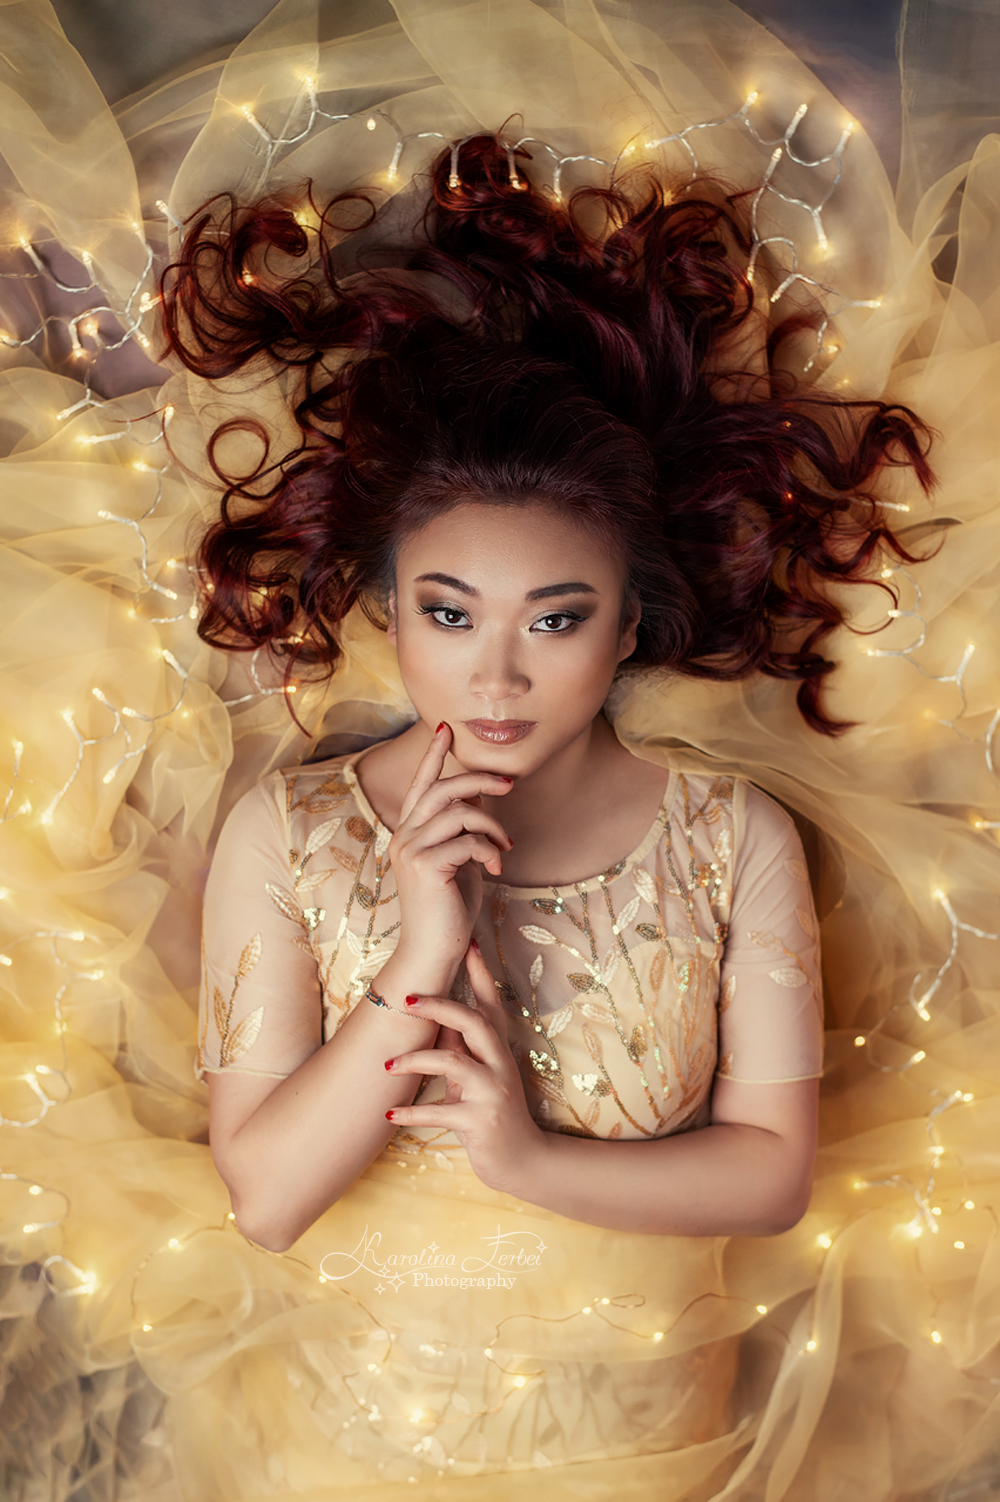 lights, yellow, fairy, goddess, богиня, желтый, гирлянда, ткань, Ferbei Karolina